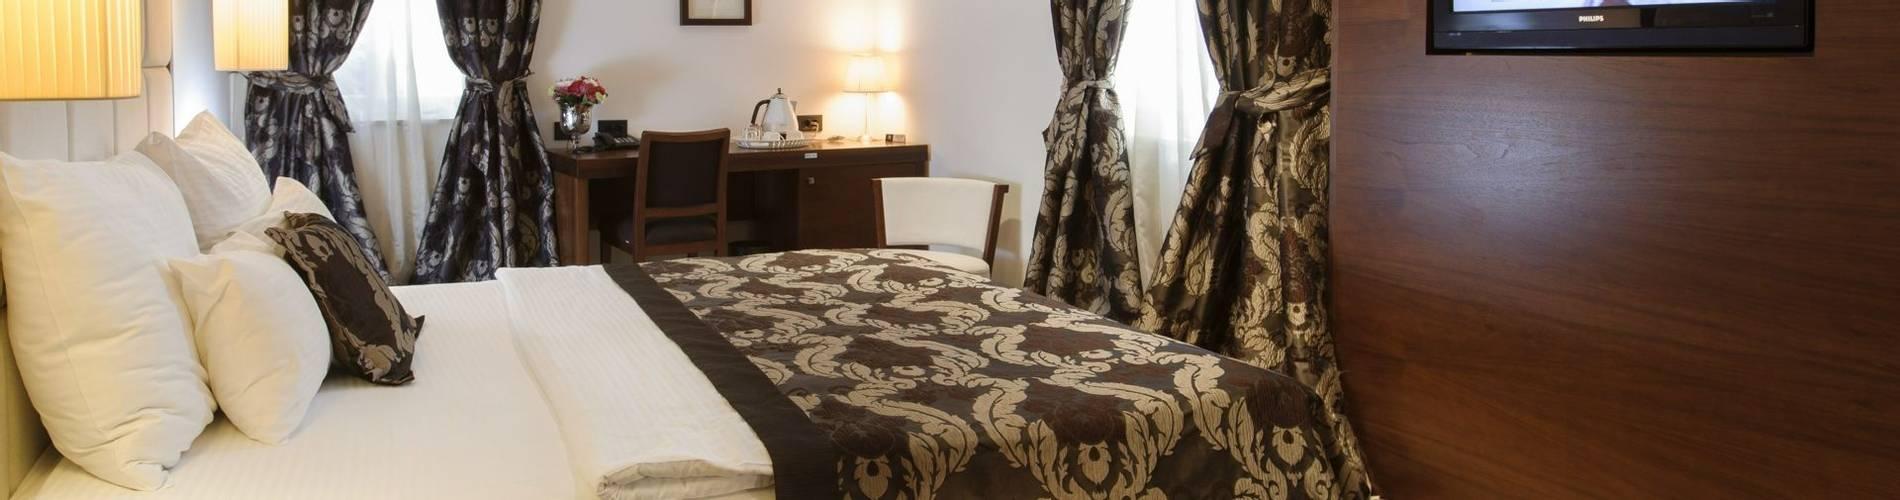 De-Luxe-room-Heritage-Marmont-Completely-Croatia.jpg